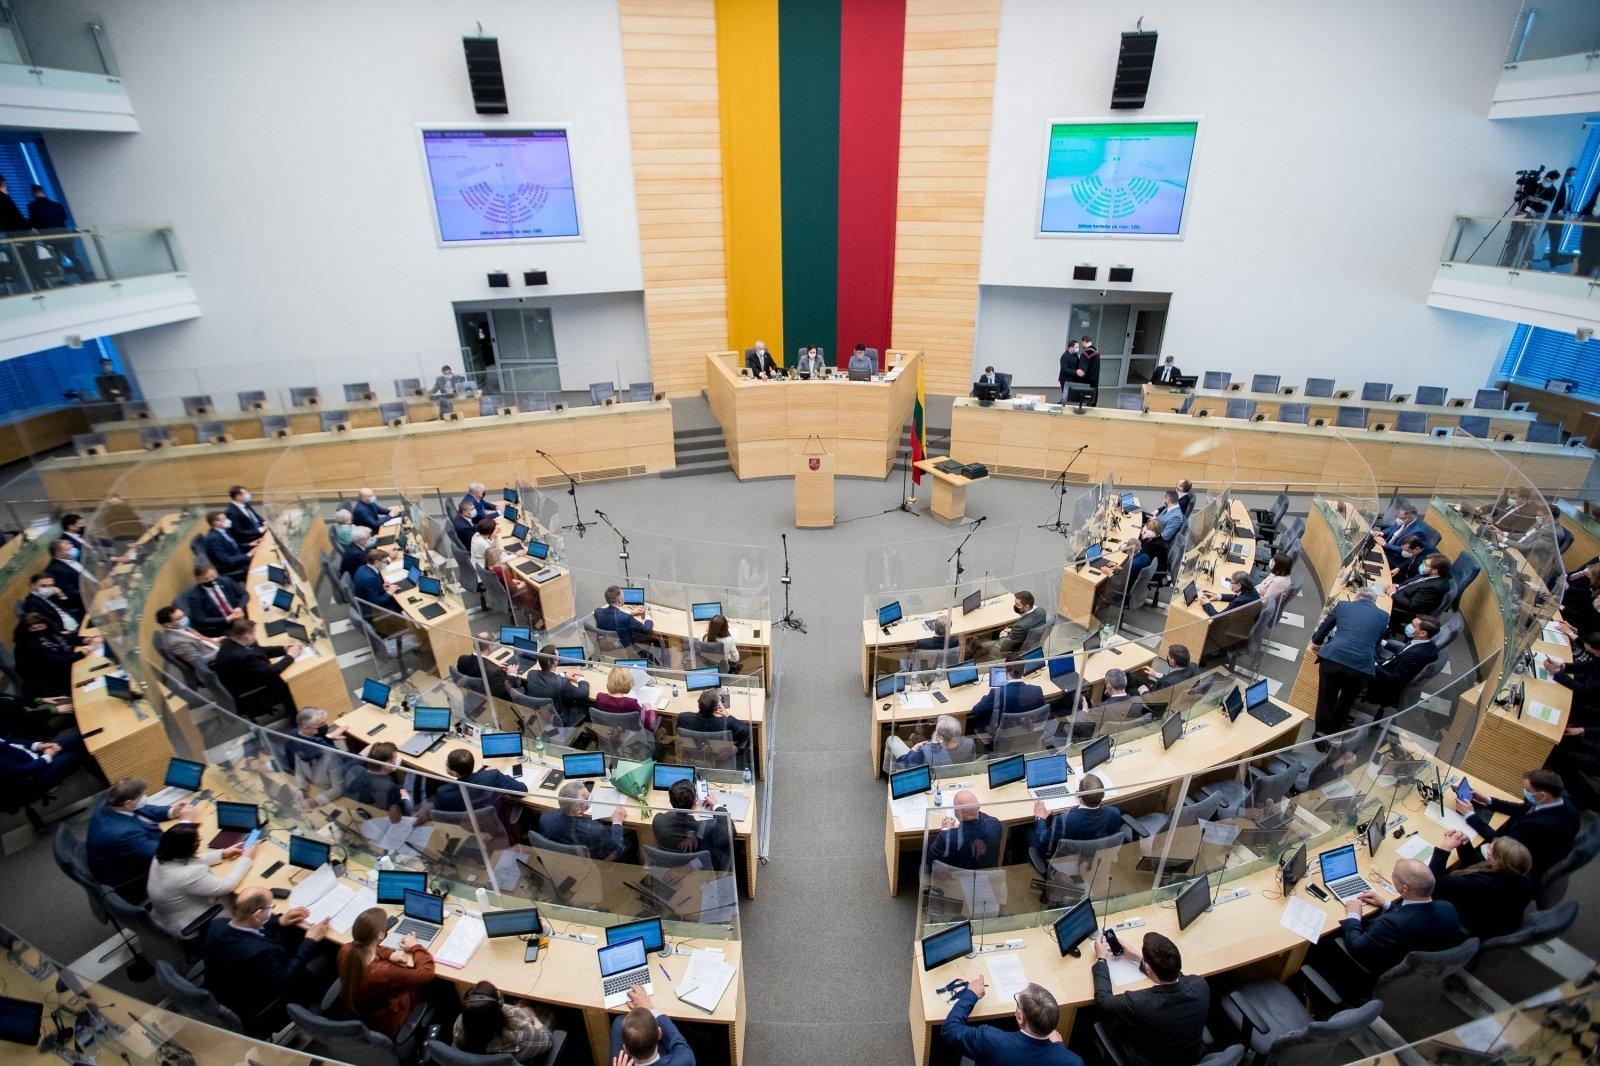 pradžia darbas penne asamblėja 2021 prekybos apimties strategija mt4